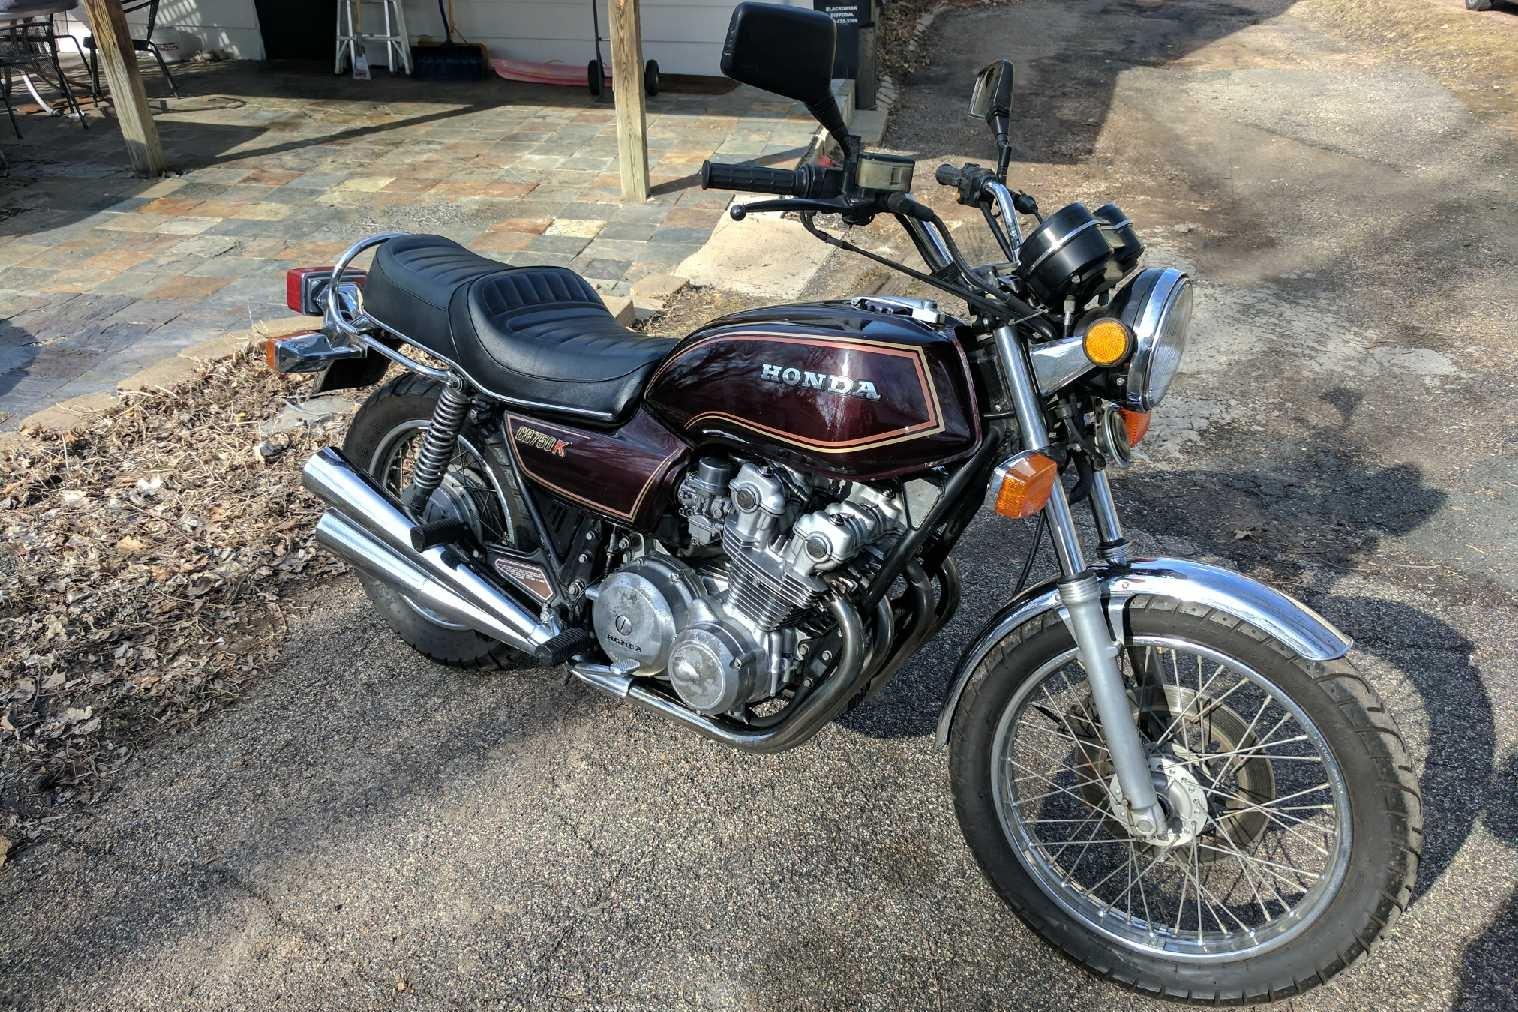 1981 Honda CB750K